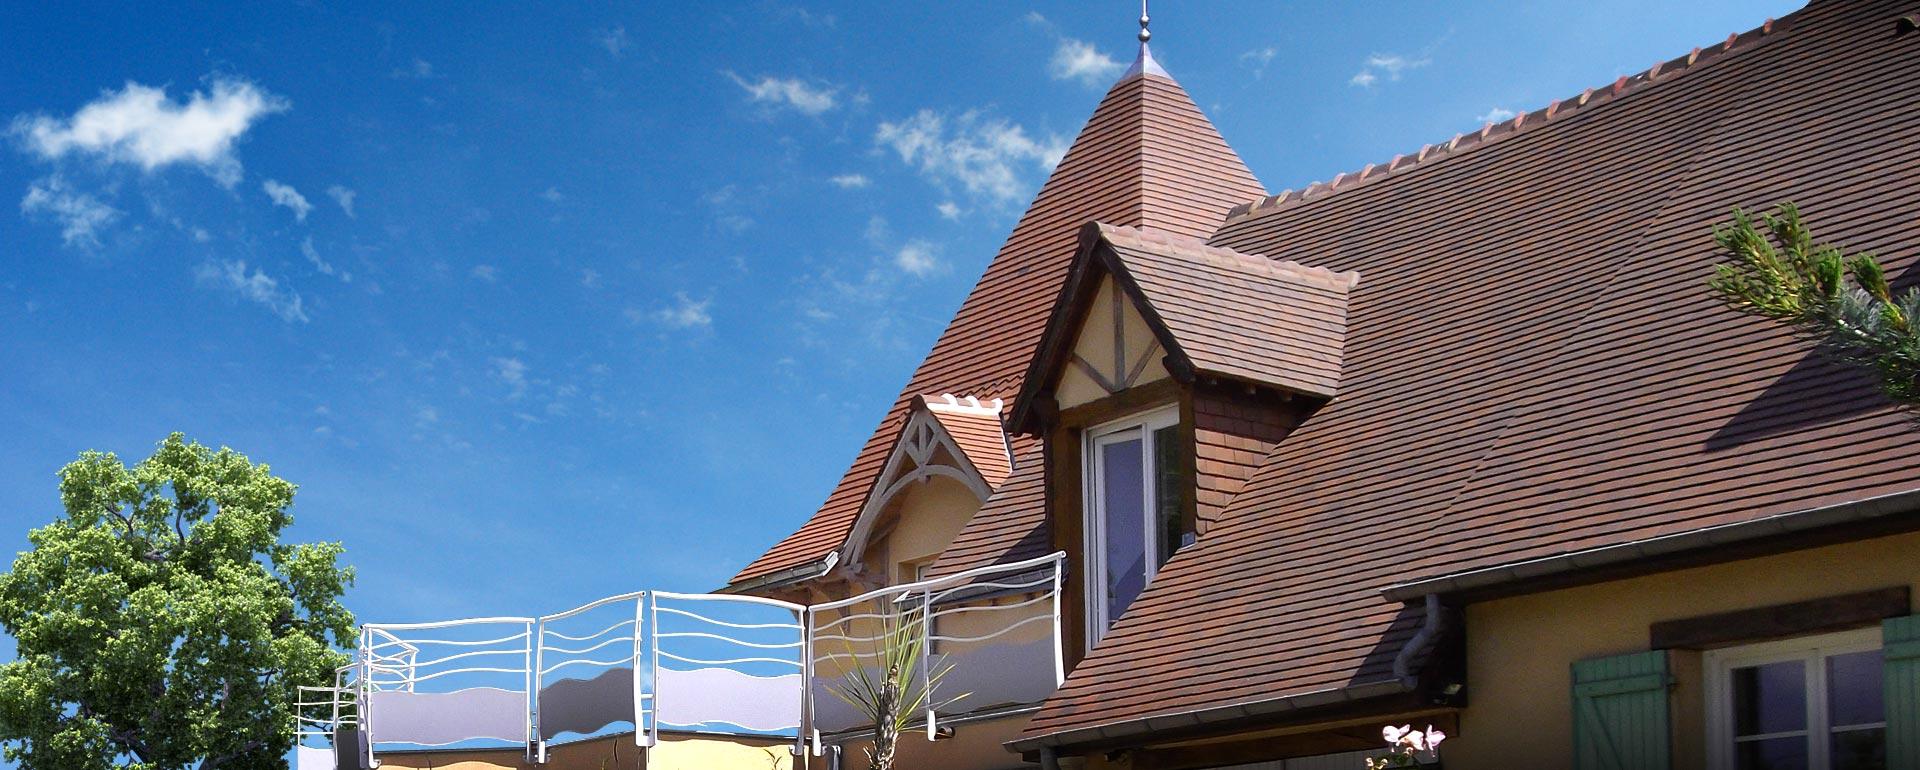 Constructeur De Maison Chartres matras 72 : constructeur, charpentier maison bois ecommoy